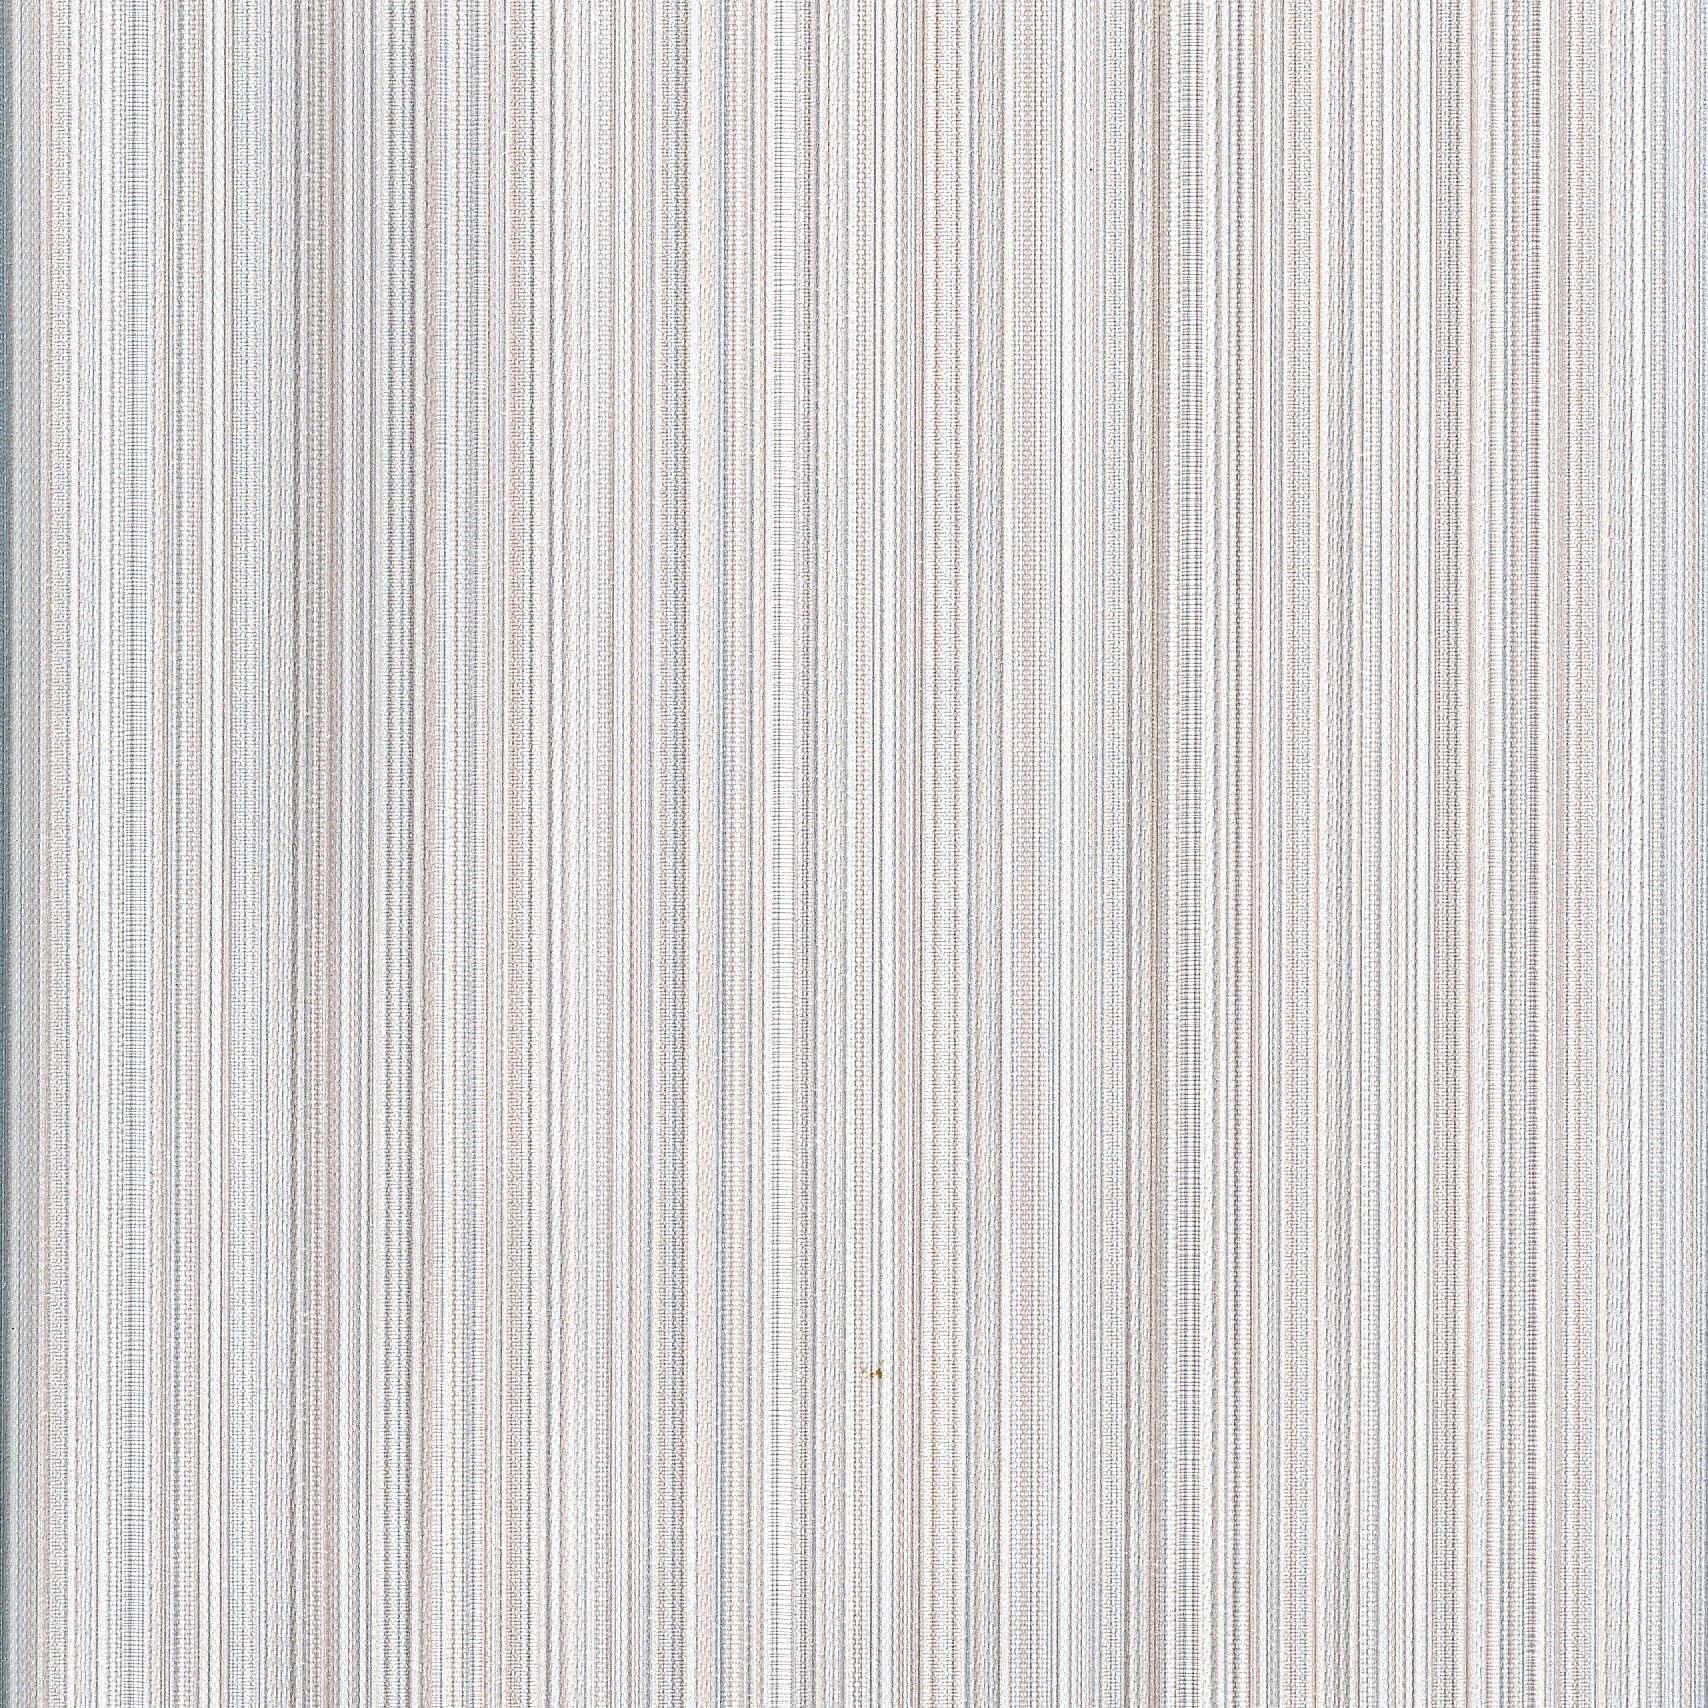 Papel de Parede Pure 2 Linhas Finas 187213 - Rolo: 10m x 0,53m